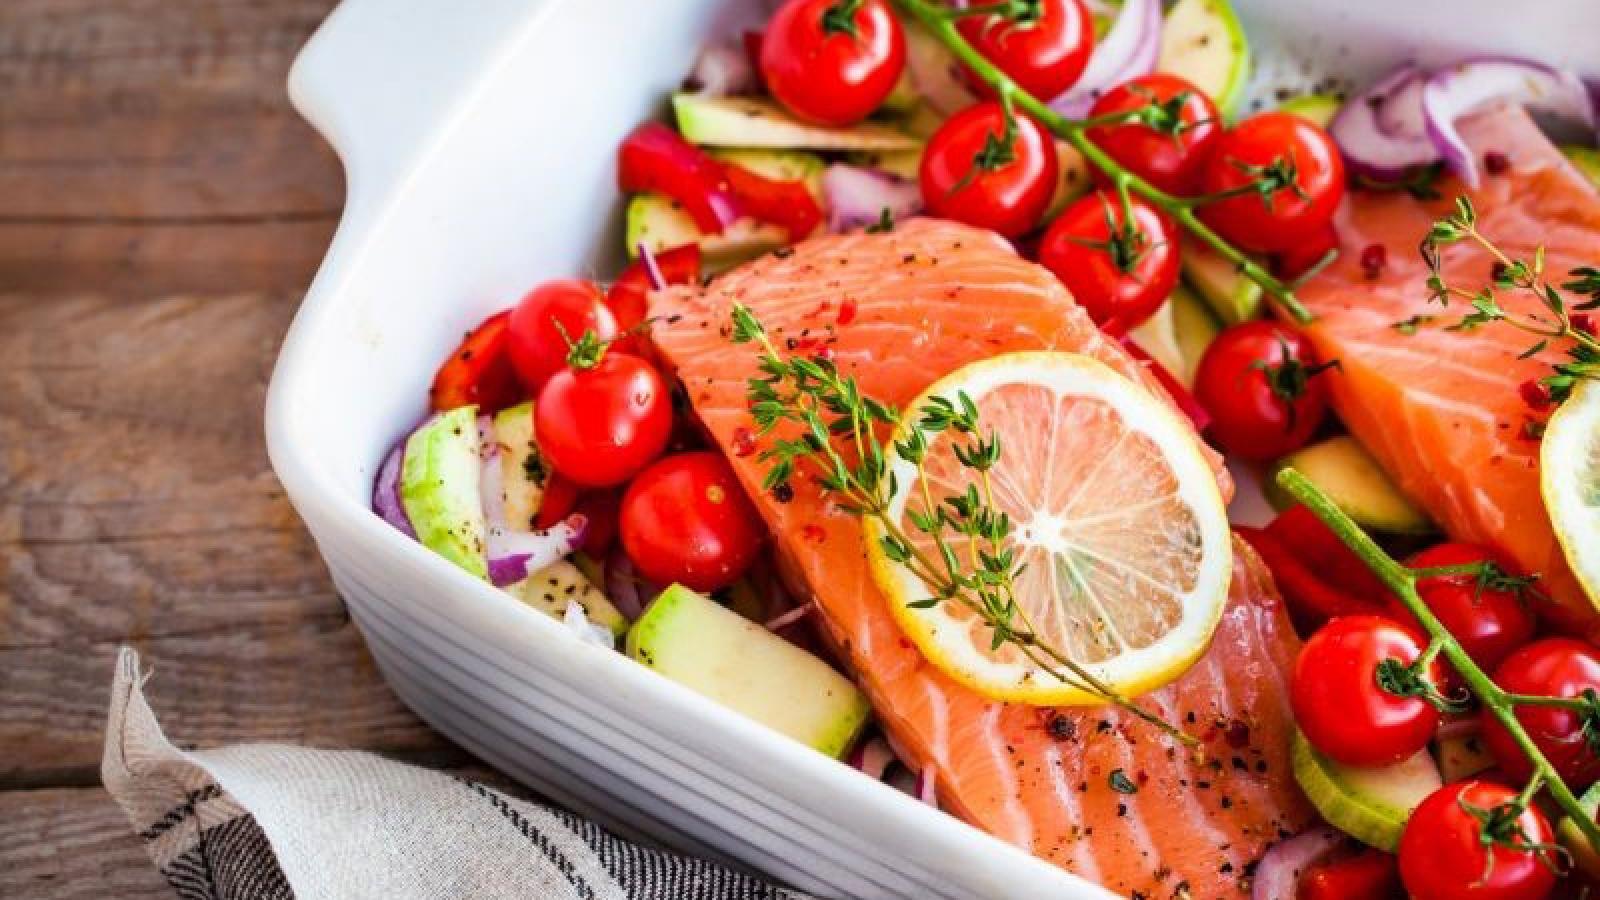 Chế độ ăn Địa Trung Hải giúp giảm cân, giảm mỡ bụng và bảo vệ tim mạch